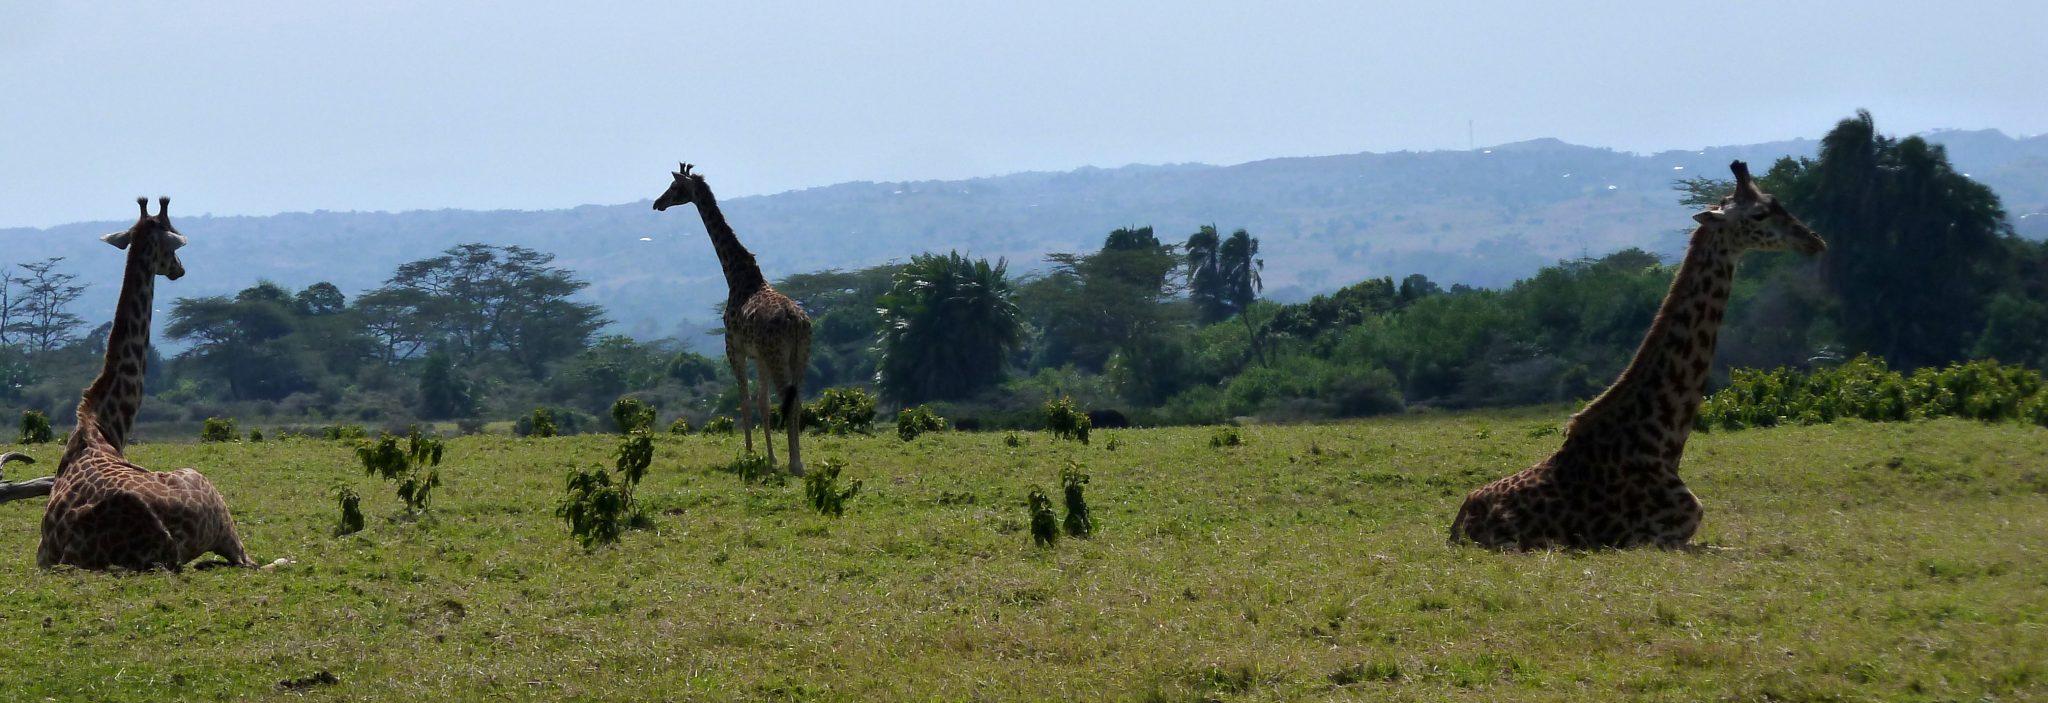 10-dia-2-agosto-jirafas-camino-de-momella-gate-1